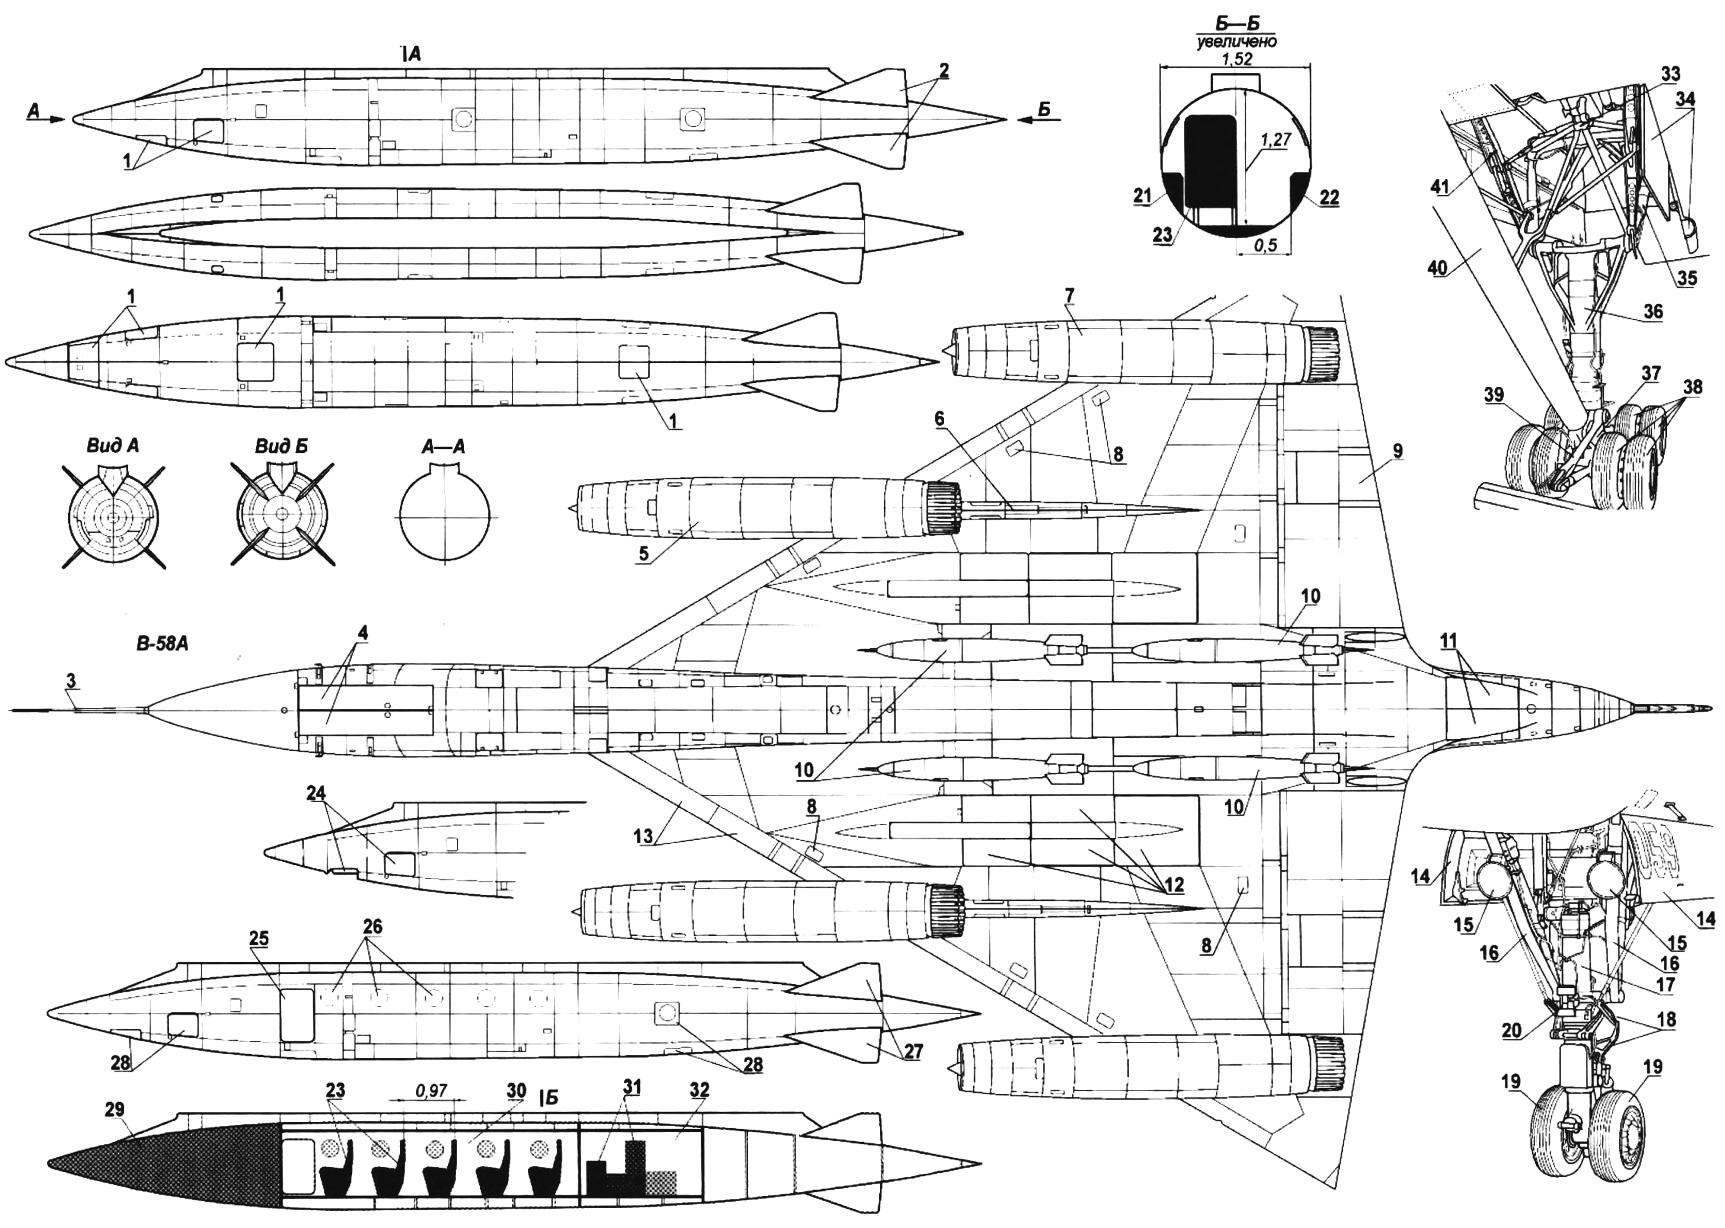 Сверхзвуковой стратегический бомбардировщик CONVAIR В-58А HUSTLER